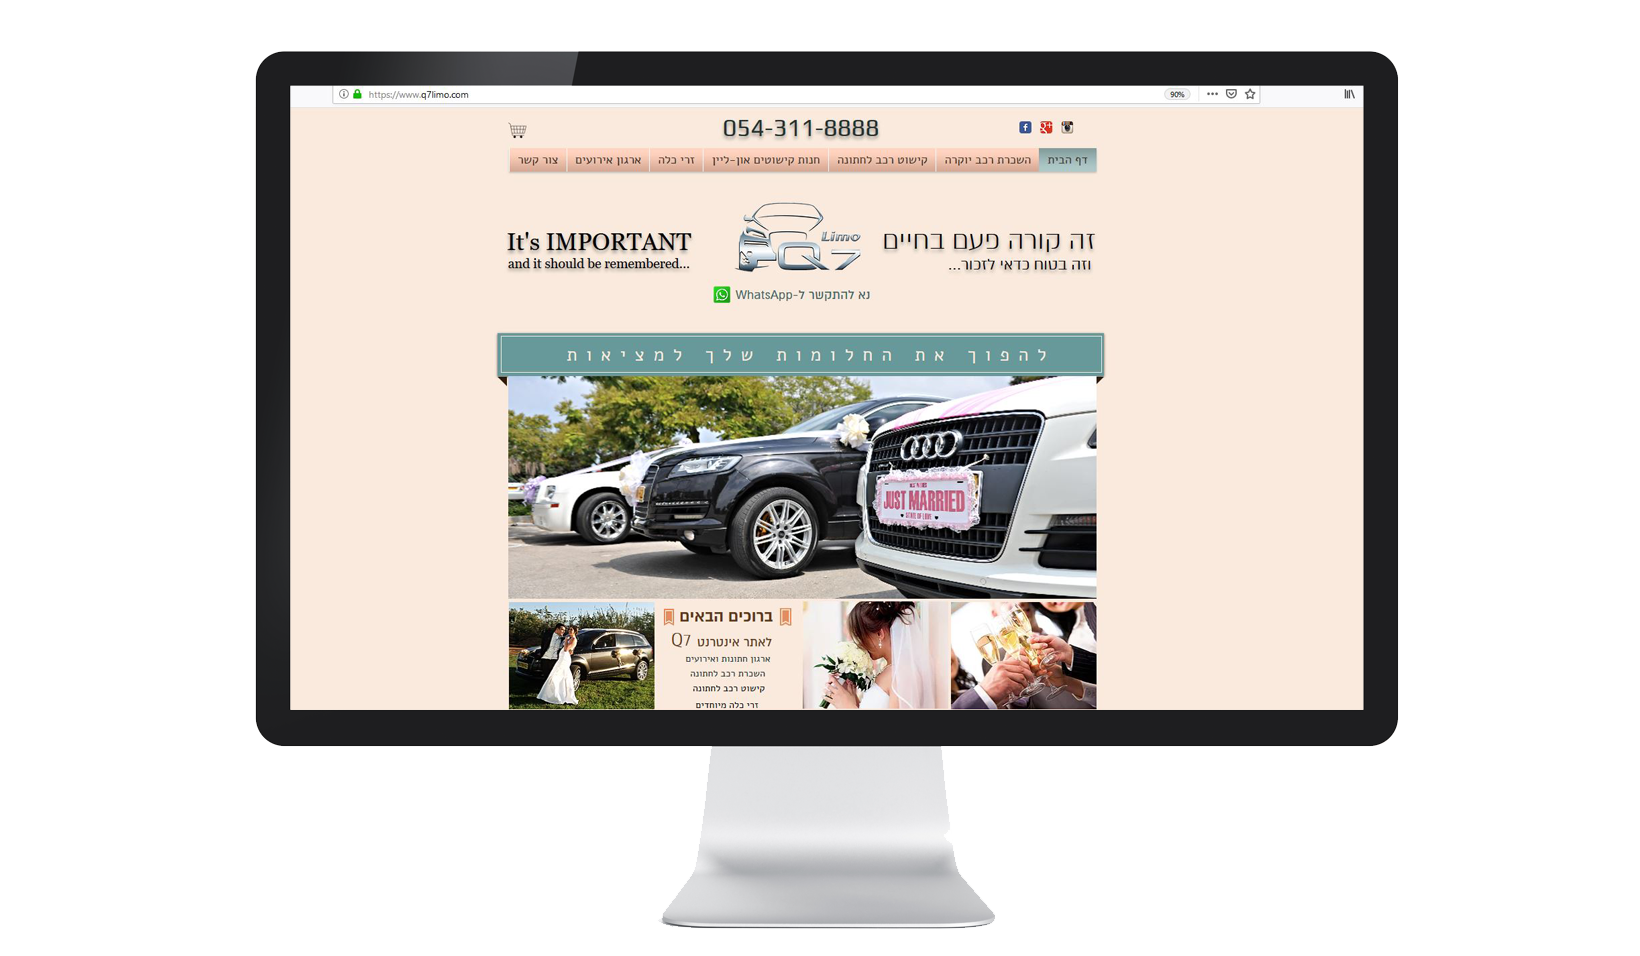 Бизнес сайт проката лимузинов